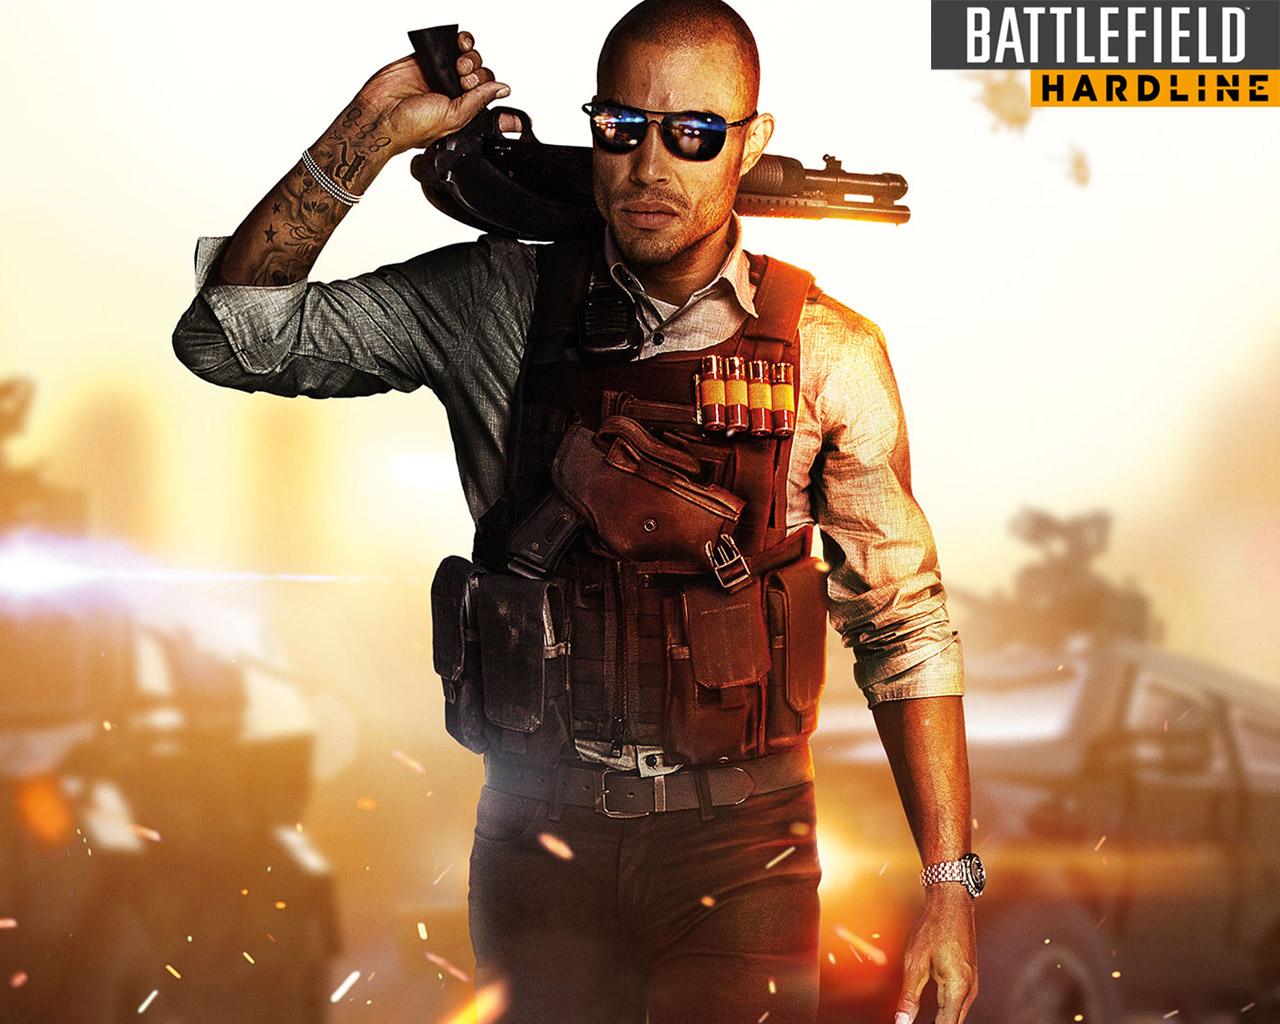 Free Battlefield: Hardline Wallpaper in 1280x1024